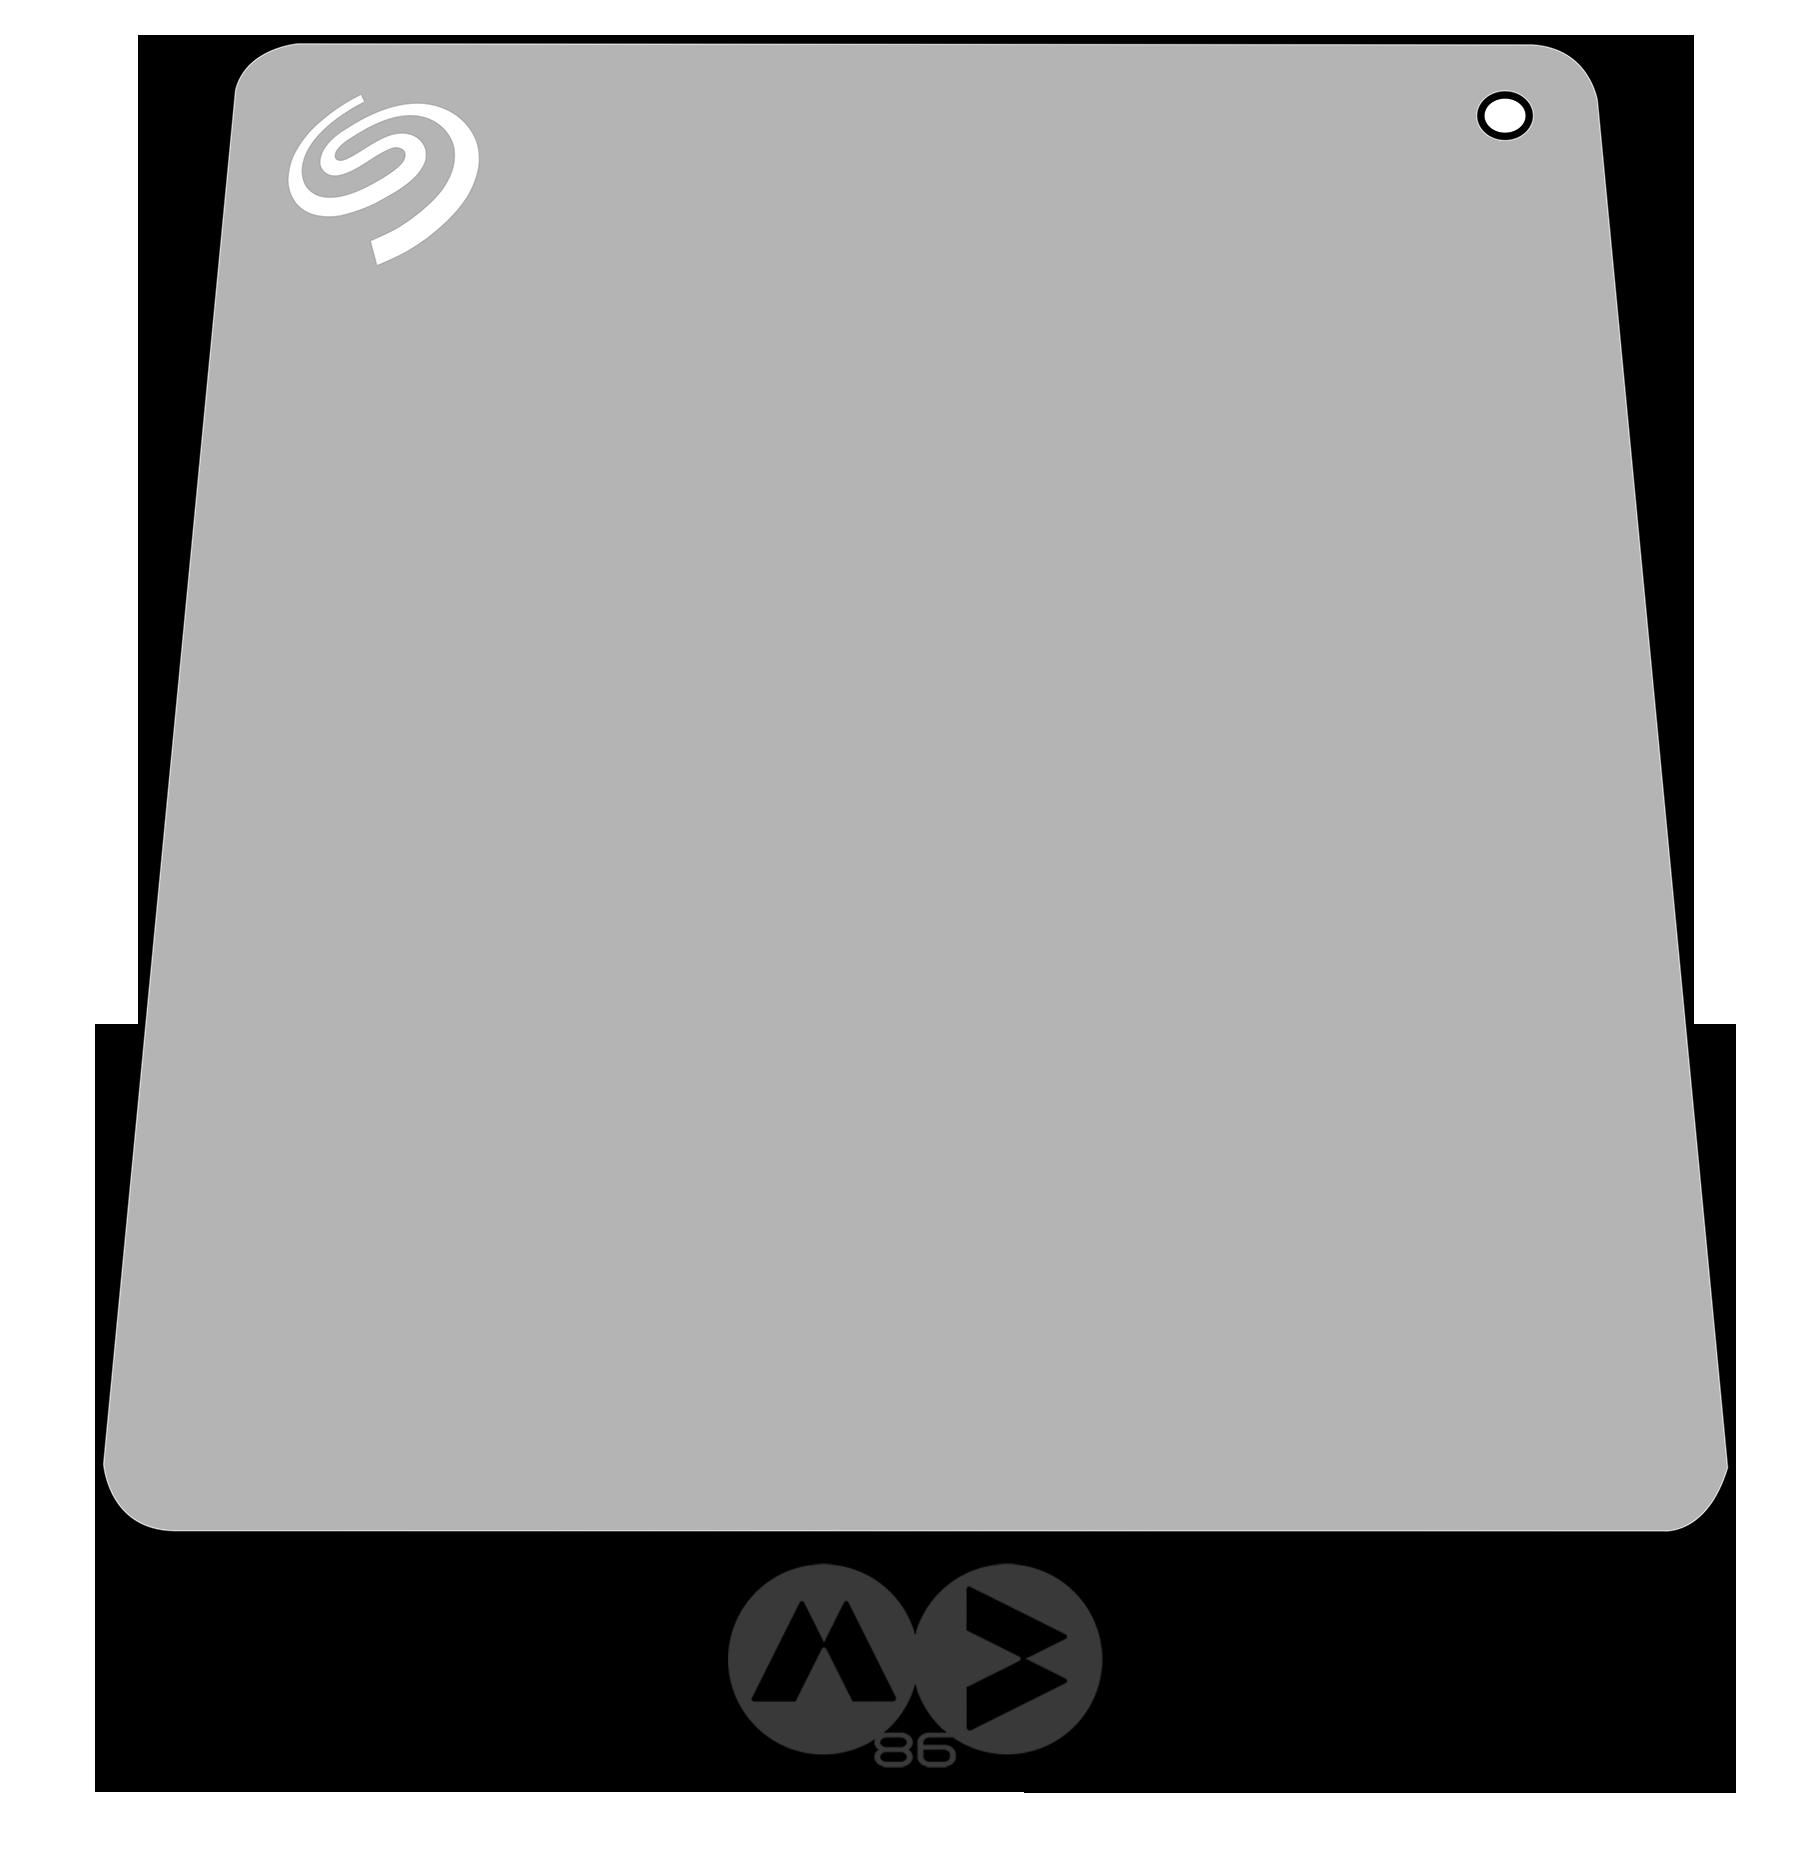 Seagate_ExternalDisk